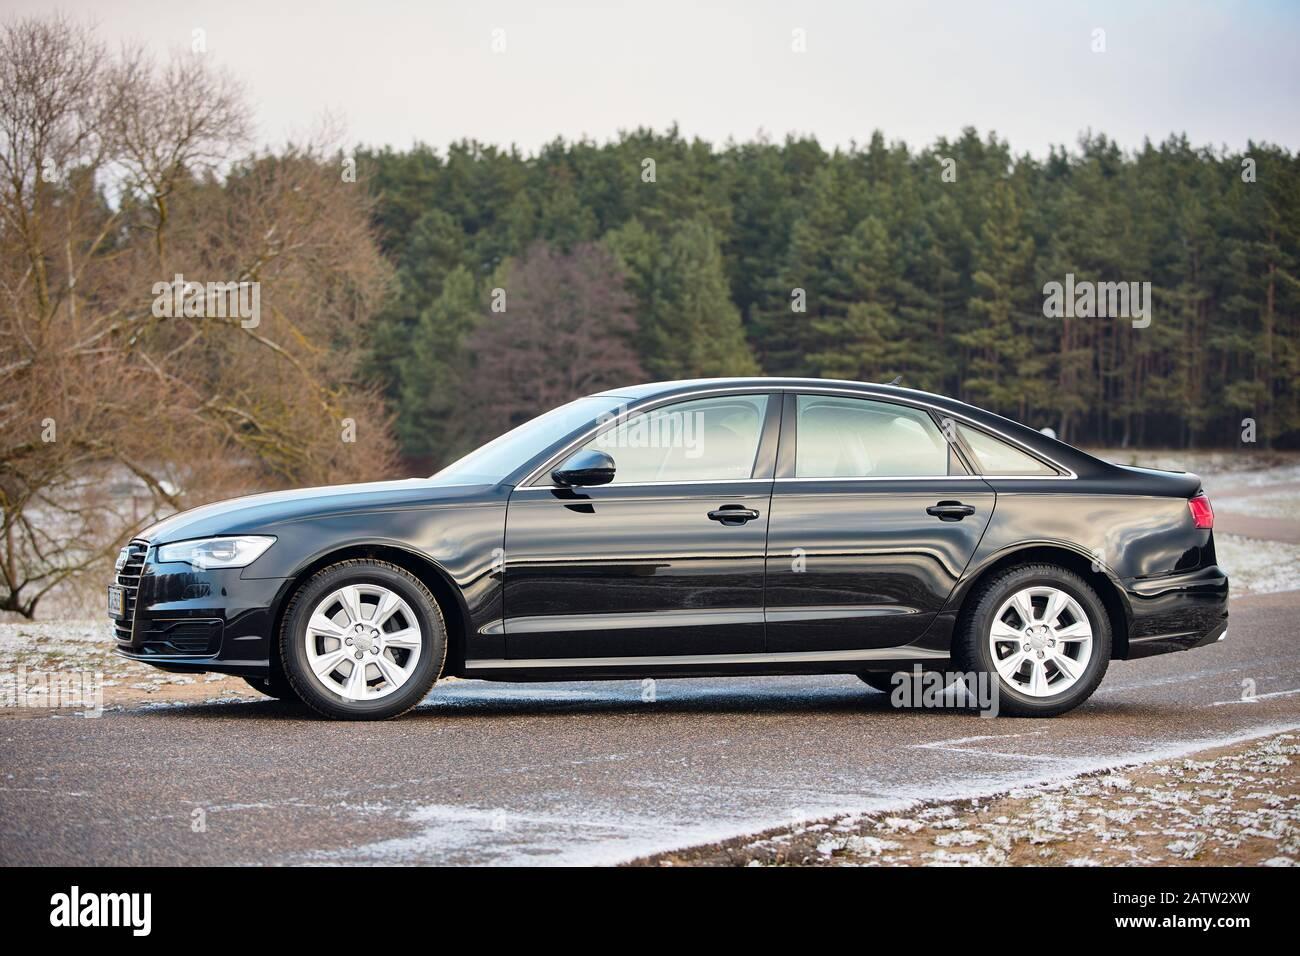 Kelebihan Kekurangan Audi 4G Spesifikasi